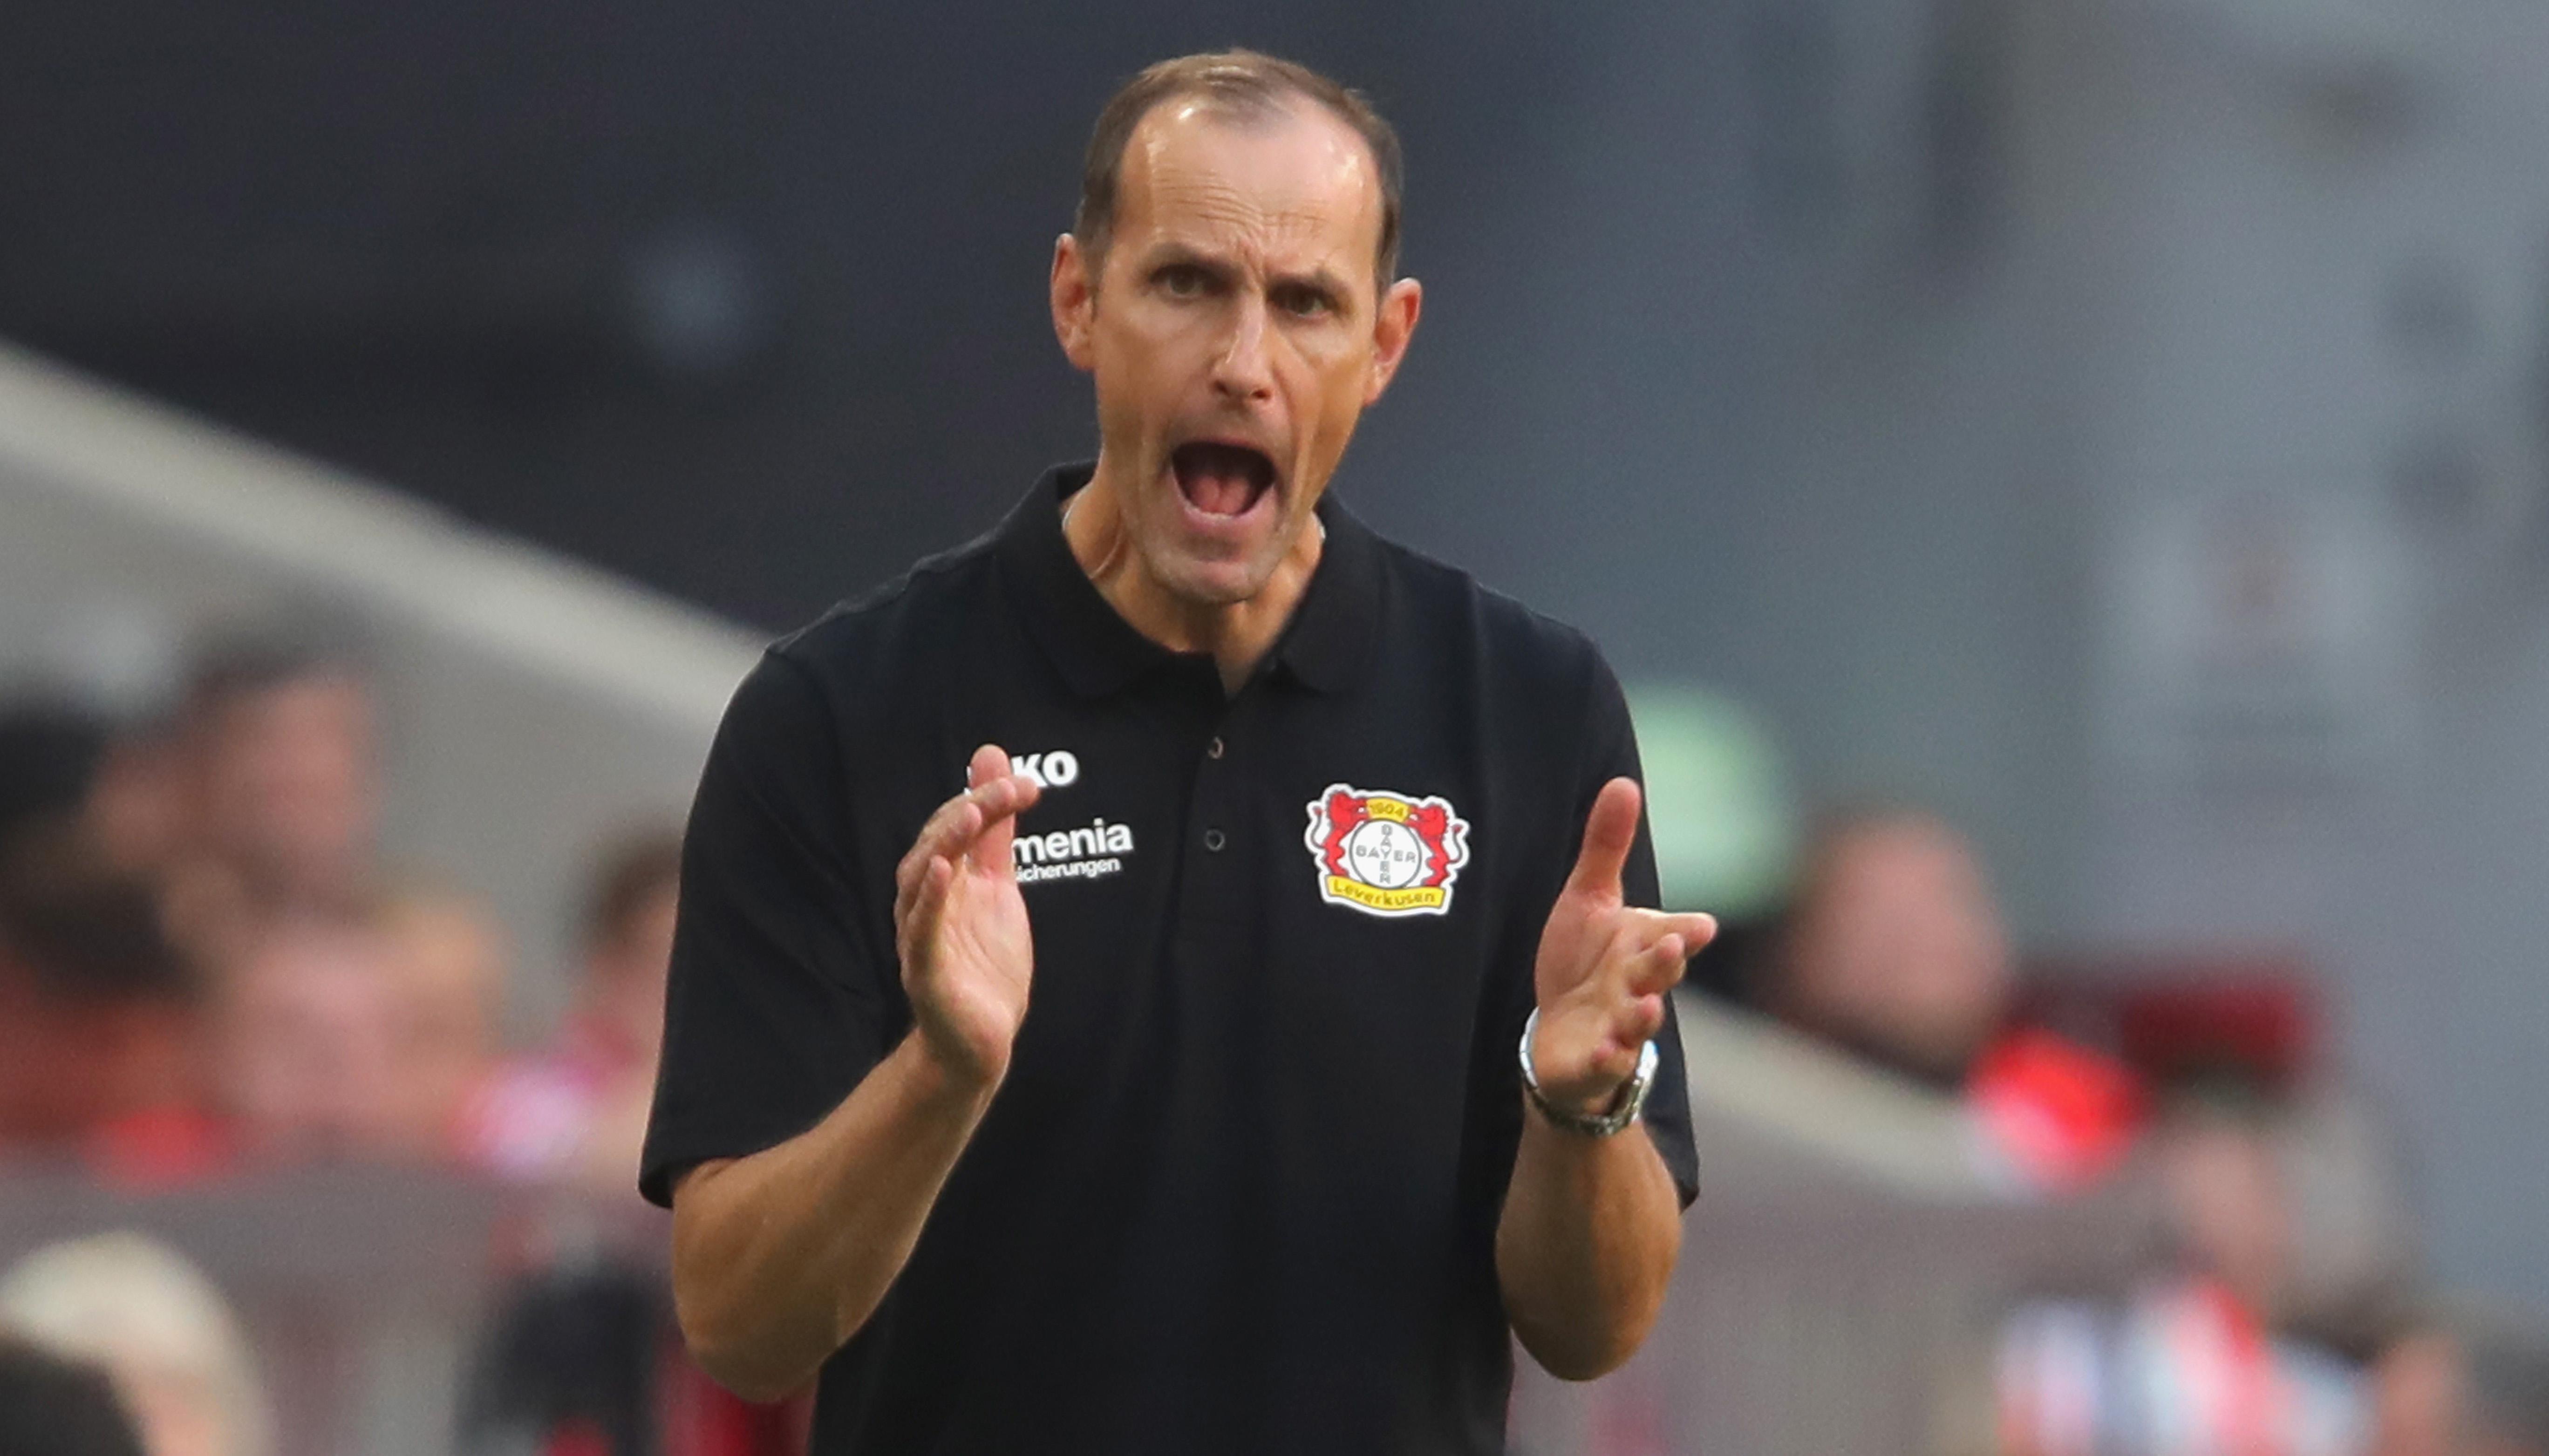 Ludogorez Rasgrad – Bayer Leverkusen: Im verrückten Wald für die Trendwende sorgen